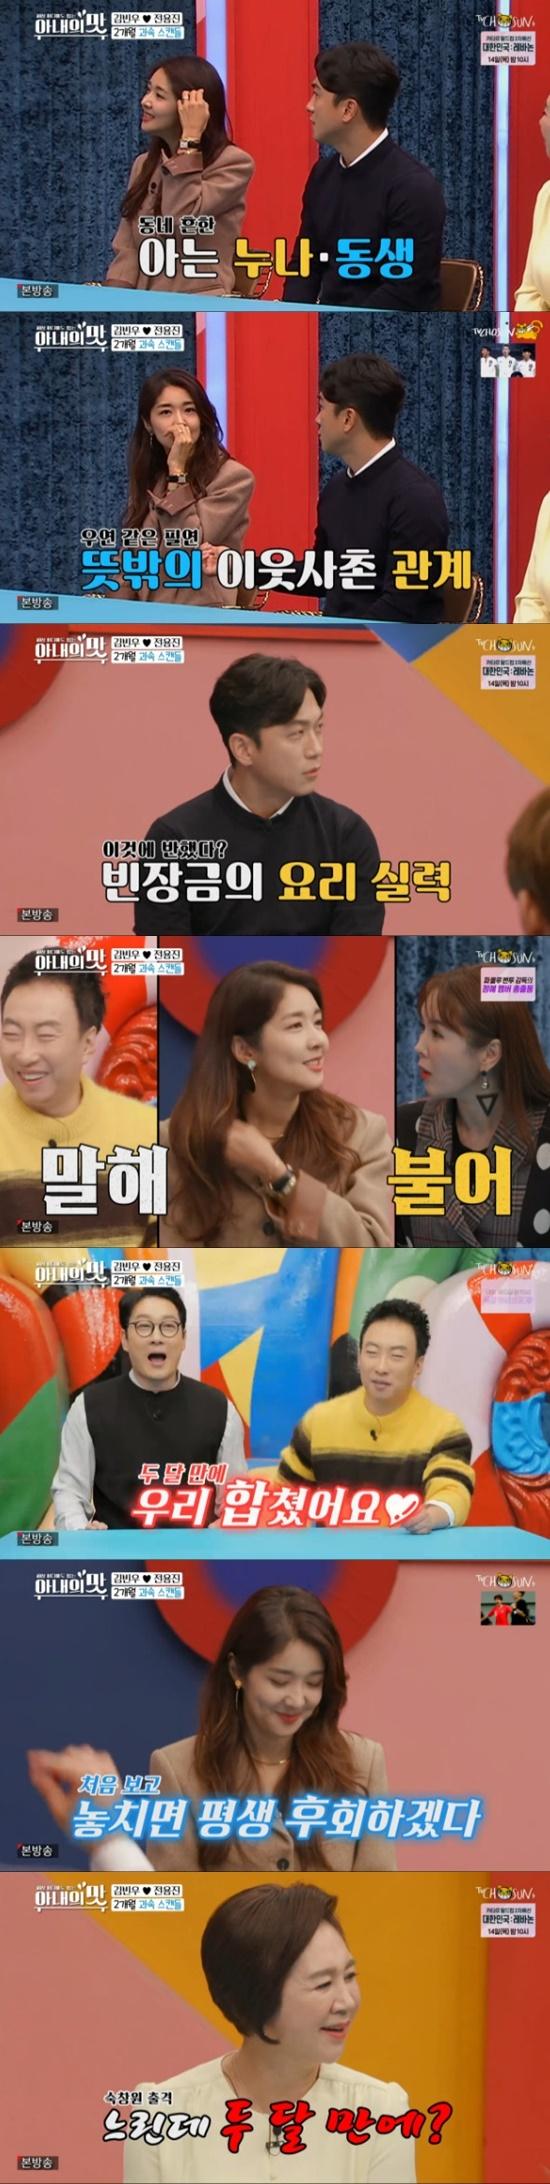 [RE:TV] '아내의 맛' 김빈우♥전용진, 두 달만에 초고속 결혼…러브스토리 공개